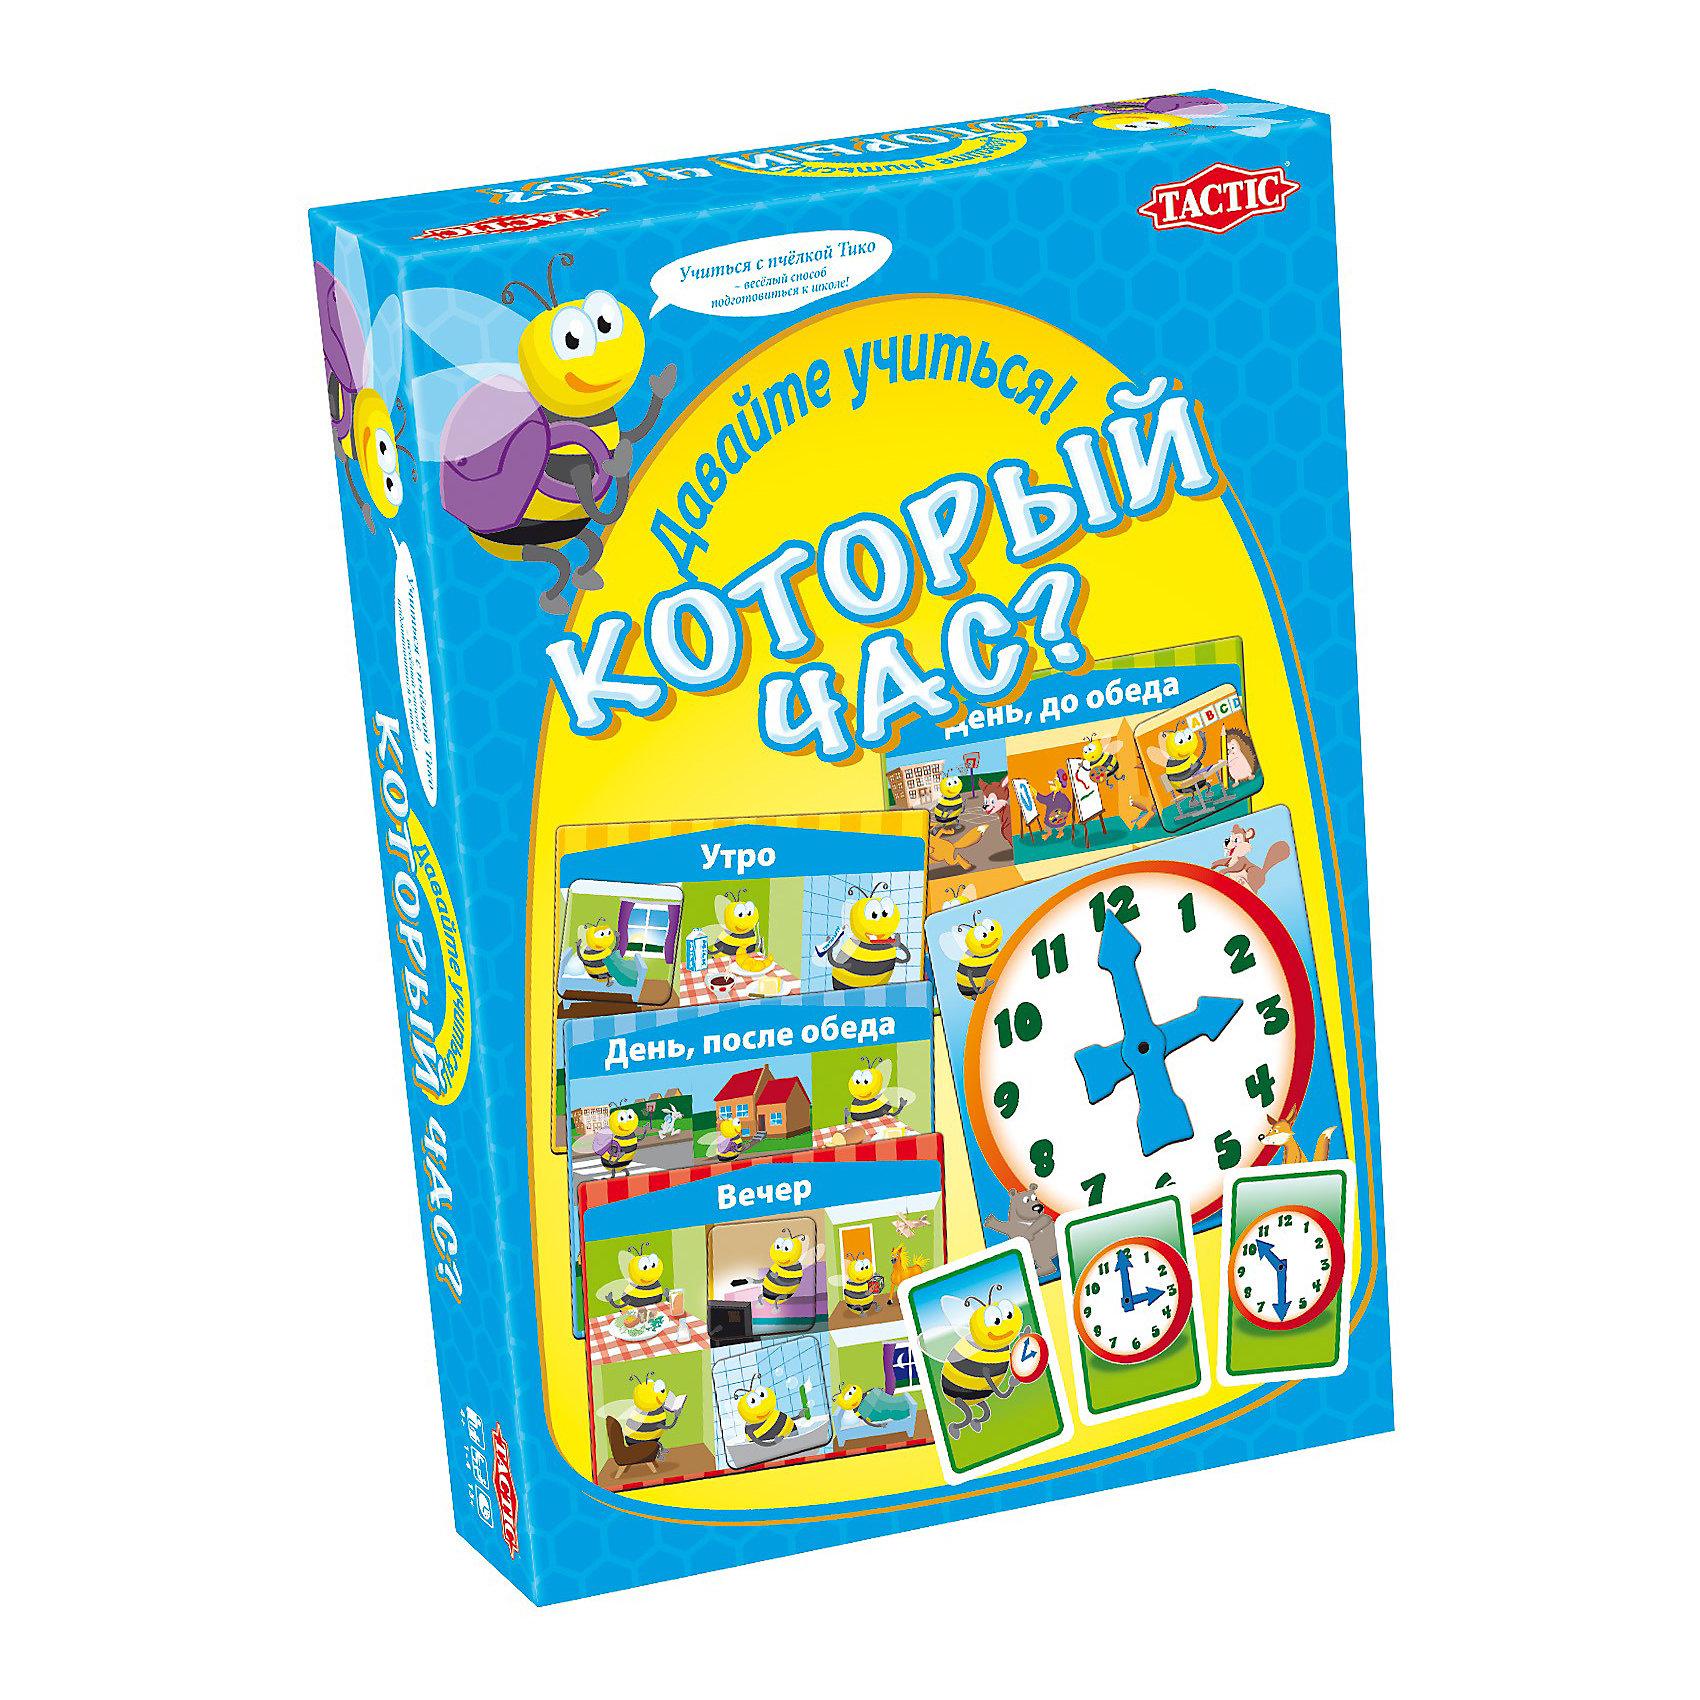 Игра Учим время, Tactic GamesИгра «Учим время» от – это хороший способ в легкой и доступной форме познакомиться с обозначением времени и научиться его узнавать. Малыши получат первоначальное представление о времени, играя в эту игру. Причем можно играть несколькими способами, выбрав соответствующую сложность игры. Суть игры такова. Необходимо вытащить из колоды карточек с часами одну карту и найти среди карточек с картинками, разложенных на столе, элемент с совпадающим временем. Также ребенок узнает, из чего состоят сутки и многое другое. Игра оформлена ярко и красочно, что привлекает внимание малышей и делает процесс игры веселым и запоминающимся. С помощью игры «Учим время» Ваш ребенок не только научится понимать время, но и получит массу положительных эмоций. Память, мыслительные способности и внимание тоже отлично развиваются во время игры<br><br>Ширина мм: 192<br>Глубина мм: 265<br>Высота мм: 42<br>Вес г: 508<br>Возраст от месяцев: 48<br>Возраст до месяцев: 72<br>Пол: Унисекс<br>Возраст: Детский<br>SKU: 2470678